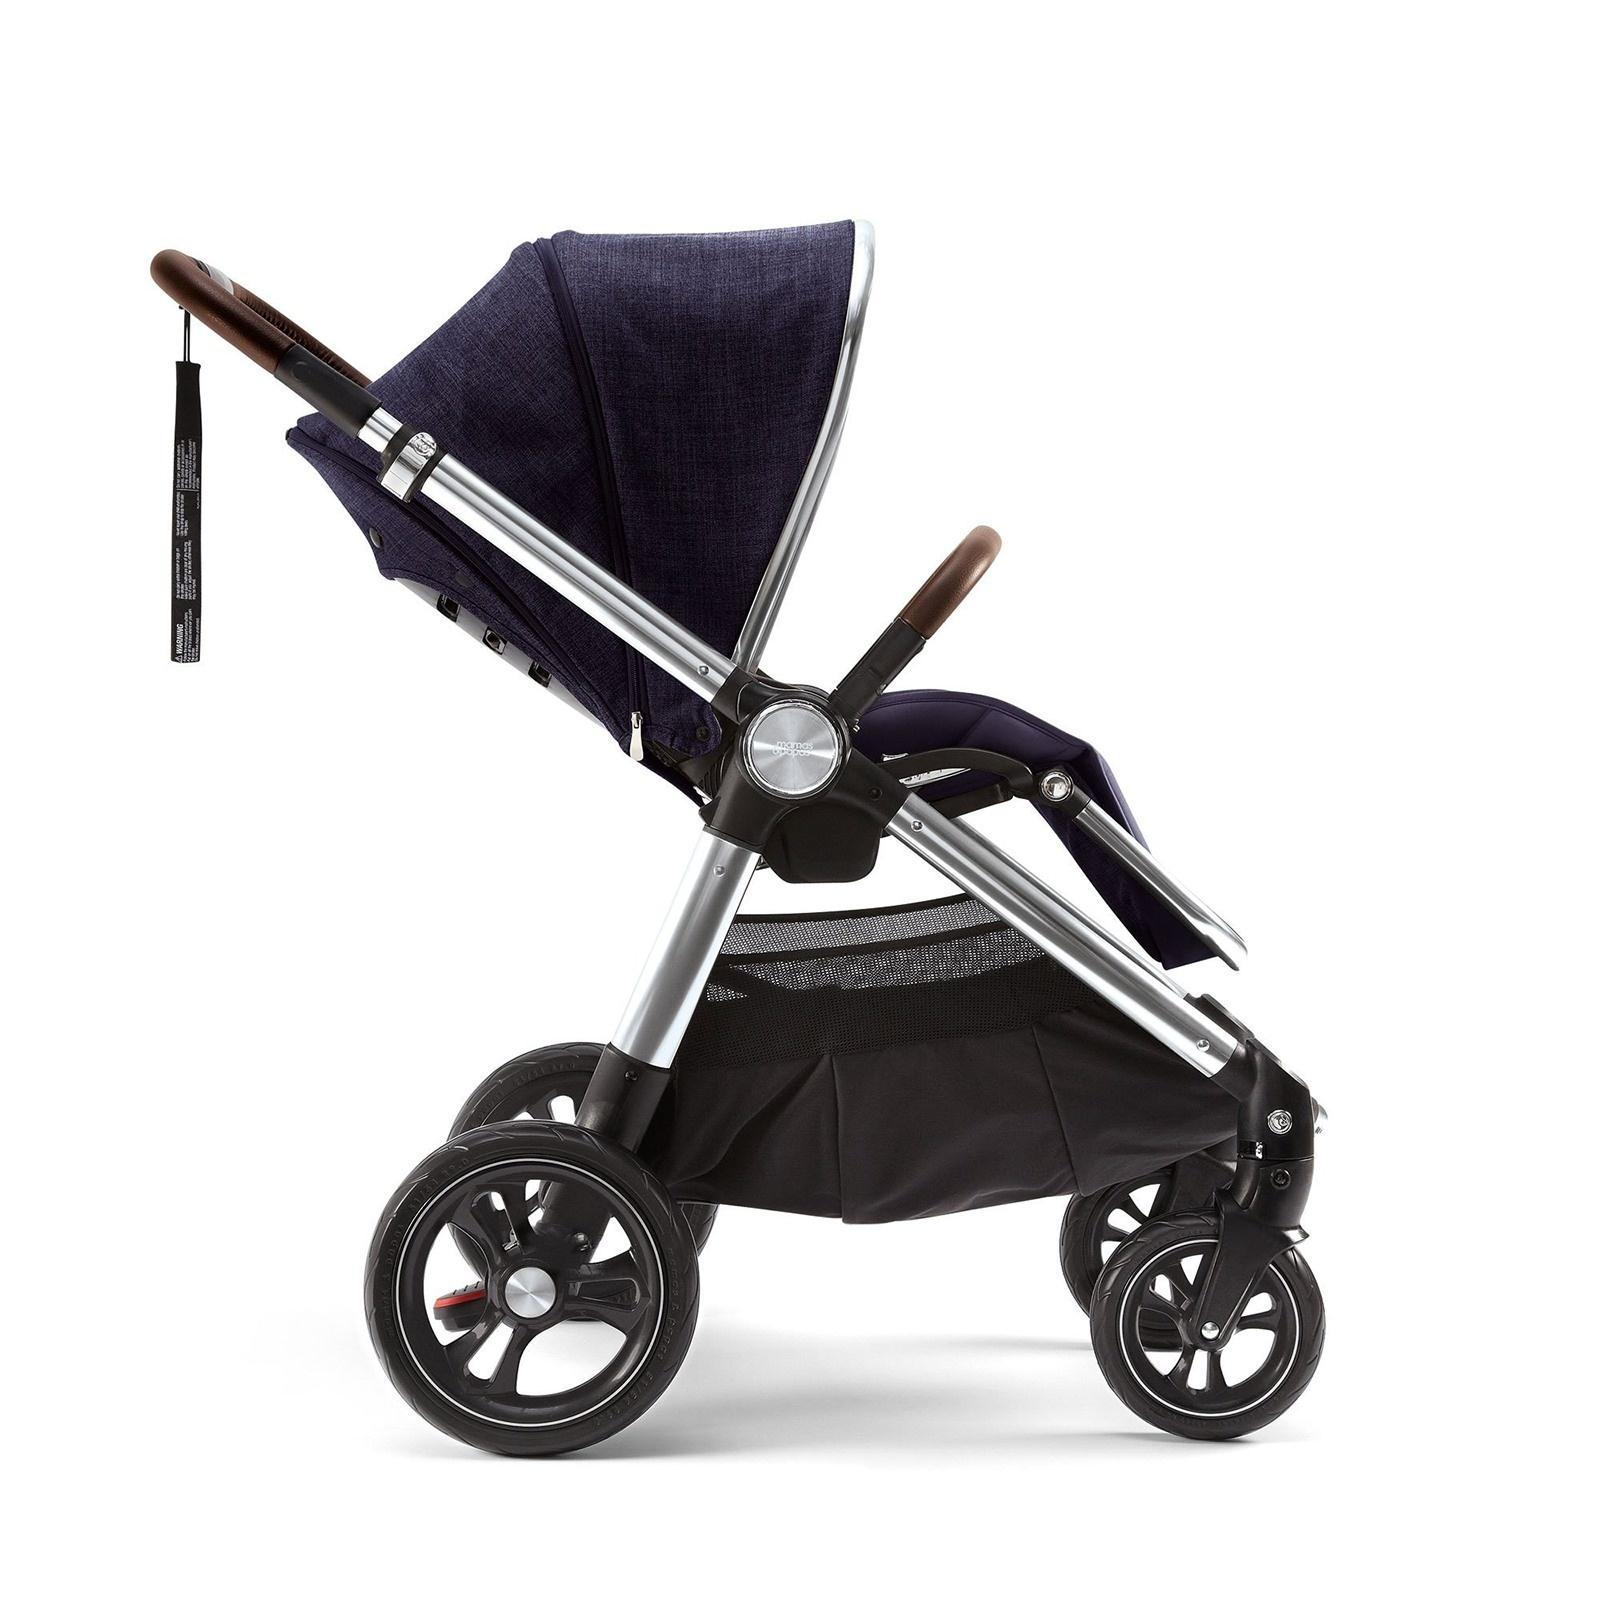 Bebek arabası ve bebek karyolası nasıl seçilir